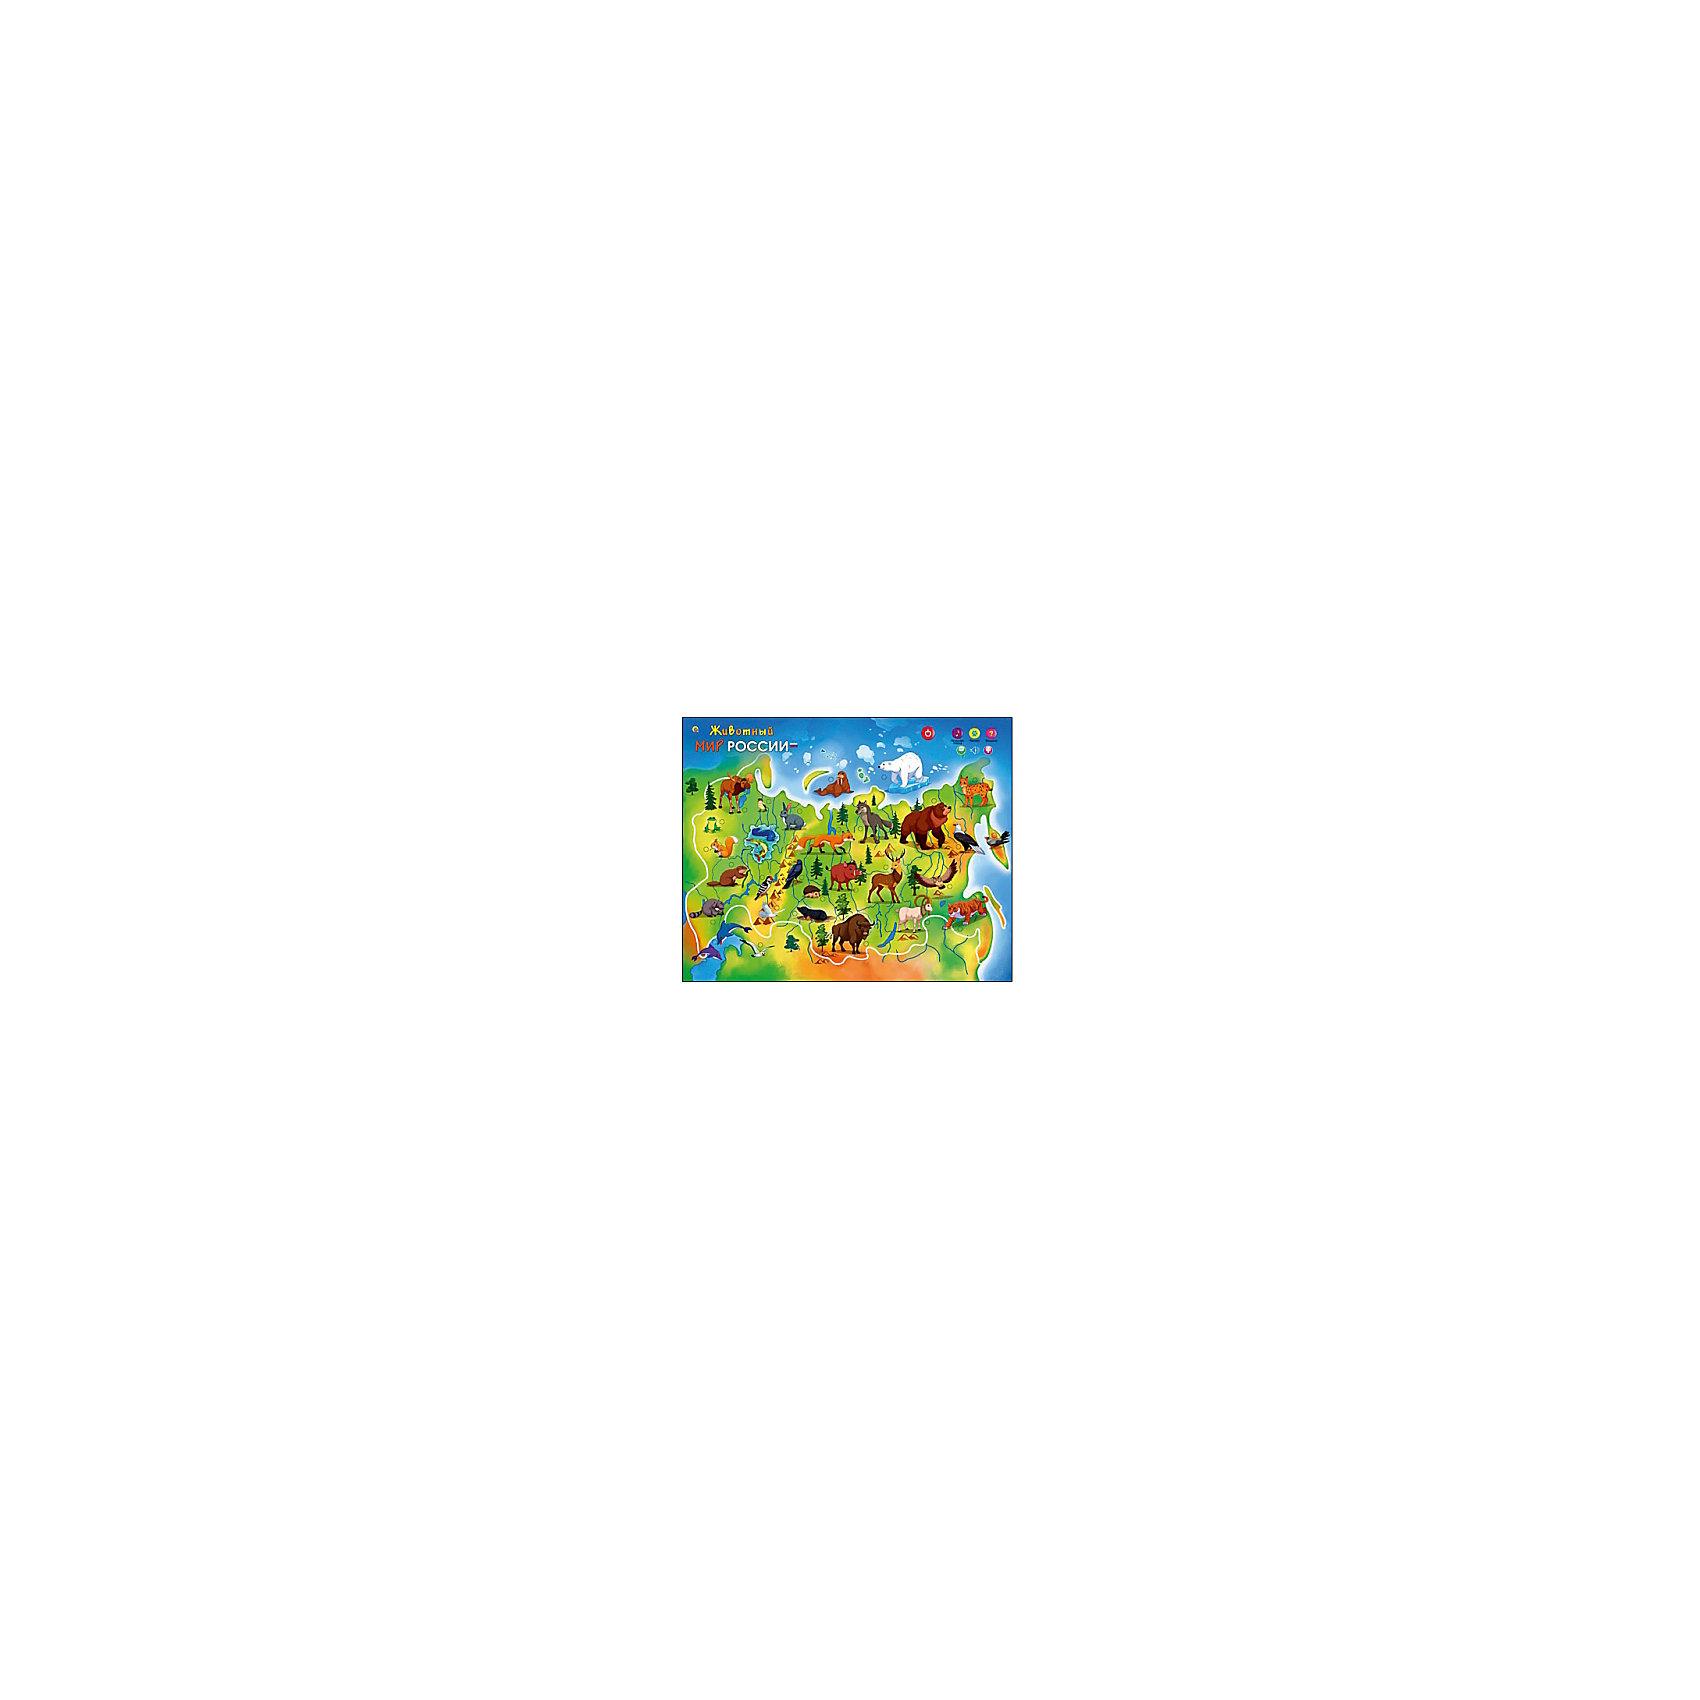 Звуковой плакат Животный мир РоссииОбучающие плакаты и планшеты<br>Звуковой плакат Животный мир России – это эффективное пособие для обучения вашего малыша!<br>Развивающий звуковой плакат Животный мир России предназначен для обучения детей старше 3 лет. Он познакомит малышей с дикими животными, обитающими на просторах нашей страны. На плакате изображены яркие картинки. При нажатии на сенсорную кнопку ребенок услышит название каждого животного, небольшой рассказ о нем и звуки, которые оно издает. Для закрепления знаний предусмотрен режим Вопросы. Плакат можно расположить на любой ровной поверхности. Звук регулируется. Специальное покрытие защитит изделие от влаги. Занятия со звуковым плакатом развивают у детей кругозор, внимательность, память, логическое и образное мышление, правильную речь, воображение.<br><br>Дополнительная информация:<br><br>- Материал: пластмасса, полимерная плёнка<br>- Размер плаката: 47,5 х 59 см.<br>- Батарейки: 3 батарейки ААА (входят в комплект)<br>- Размер упаковки: 60 х 4 х 18 см.<br><br>Звуковой плакат Животный мир России можно купить в нашем интернет-магазине.<br><br>Ширина мм: 600<br>Глубина мм: 40<br>Высота мм: 180<br>Вес г: 400<br>Возраст от месяцев: 36<br>Возраст до месяцев: 60<br>Пол: Унисекс<br>Возраст: Детский<br>SKU: 4214642